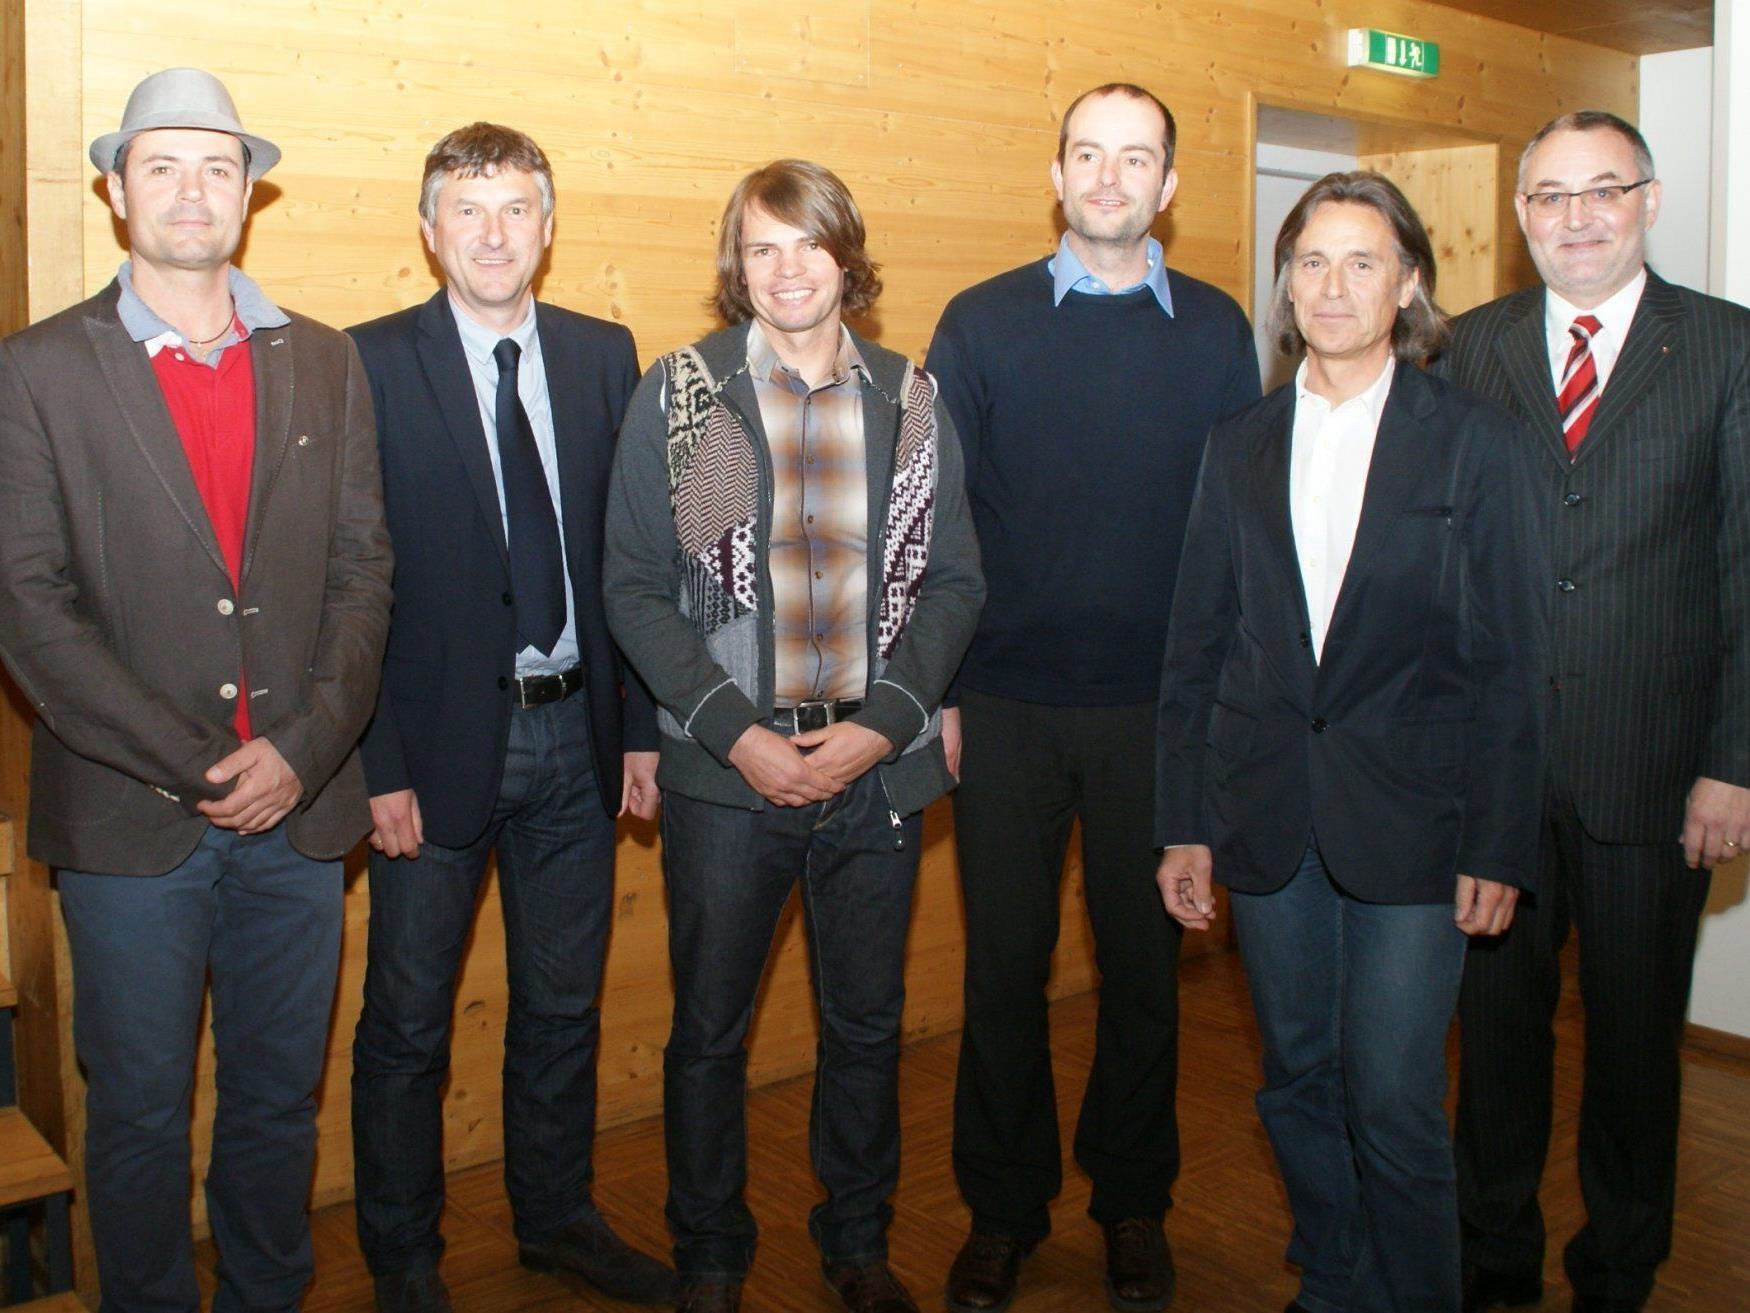 Die Podiumsteilnehmer von links nach rechts: Martin Steiner, Manfred Brunner, Christoph Mennel, Markus Berchtold, Rudolf Rüscher und Rainer Gögele